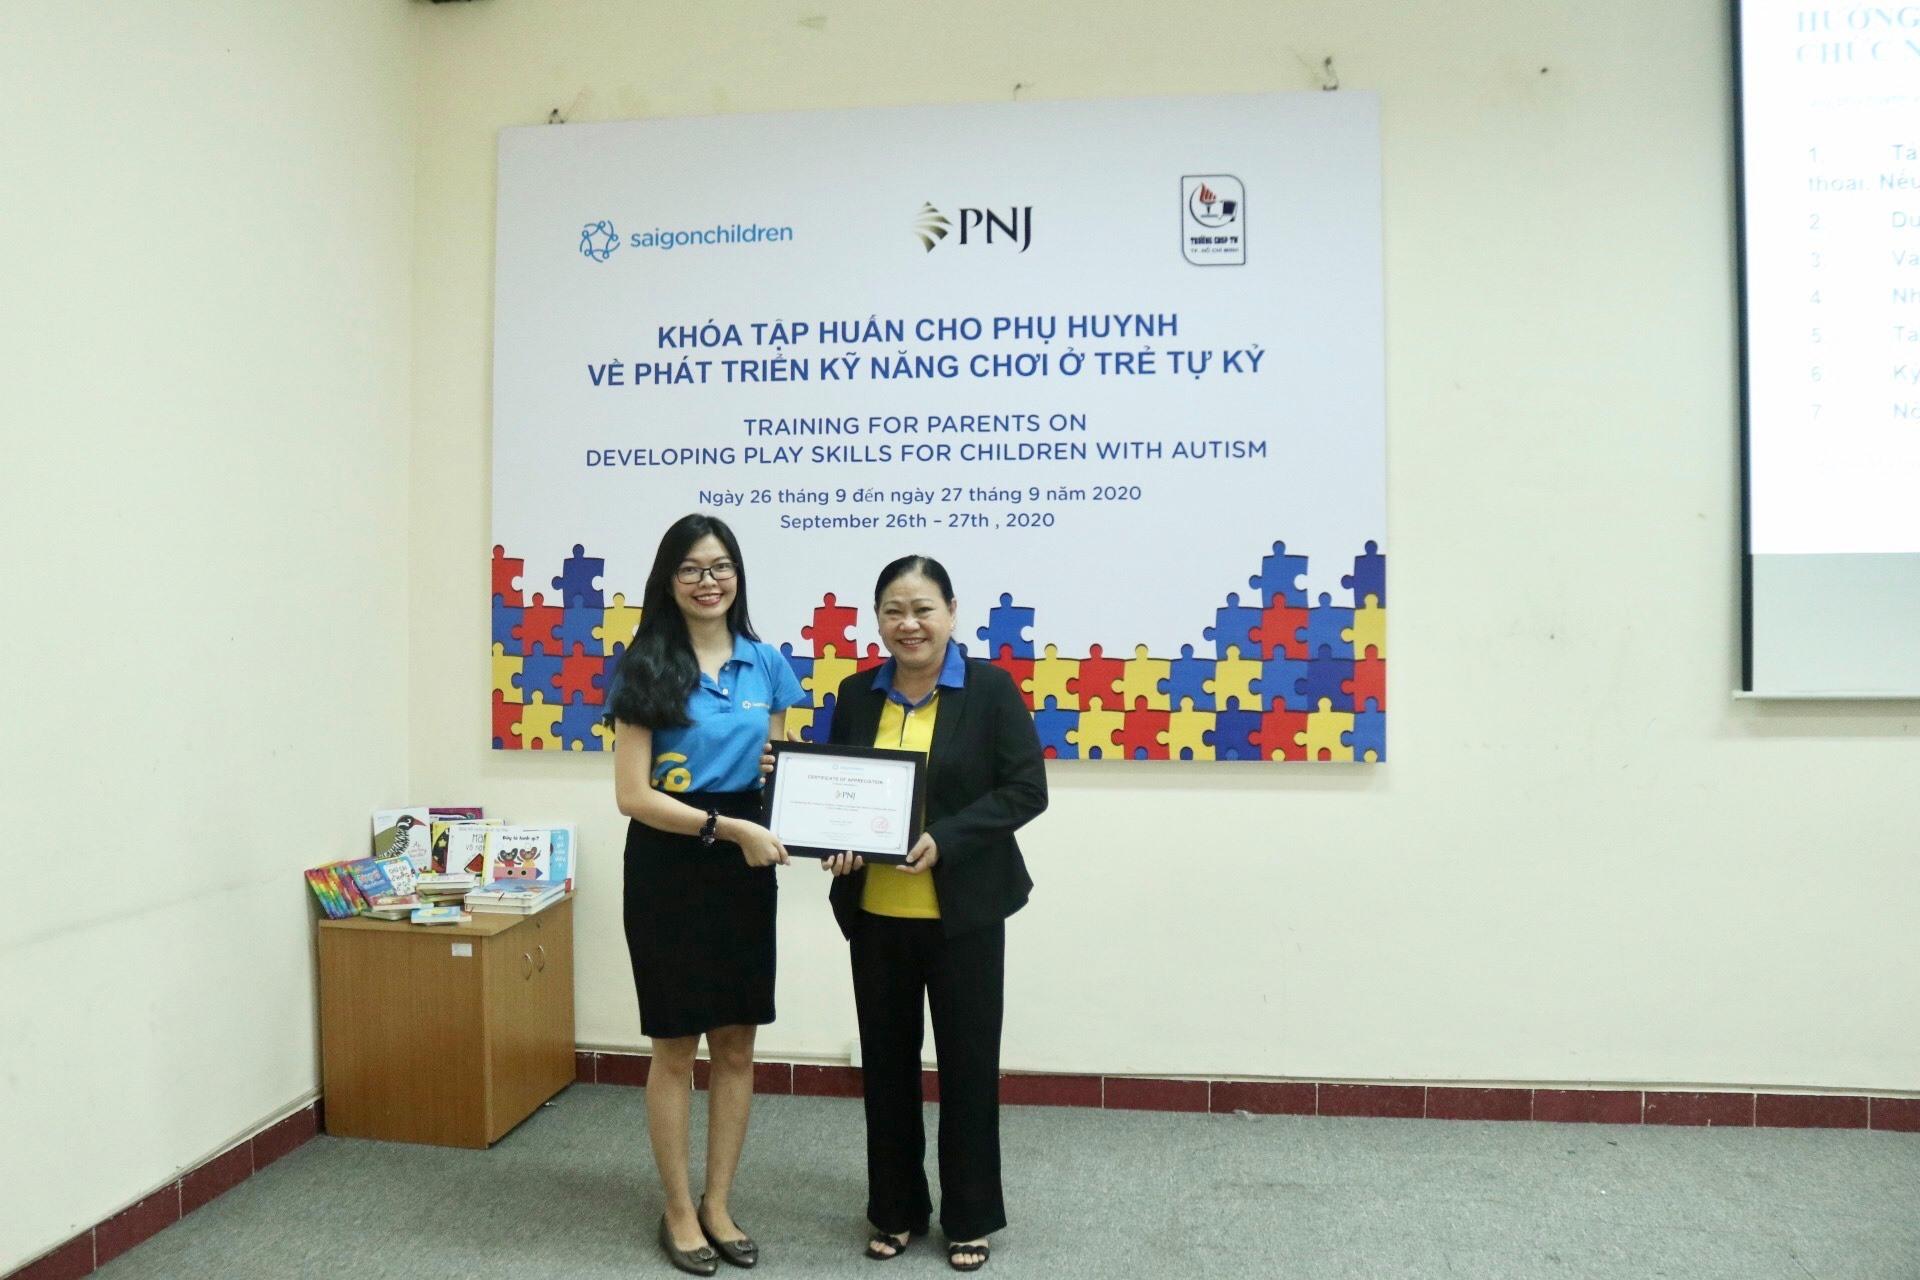 PNJ trao tặng cho các phụ huynh bộ tài liệu hỗ trợ và phục hồi chức năng cho trẻ em tự kỷ tại Việt Nam 5